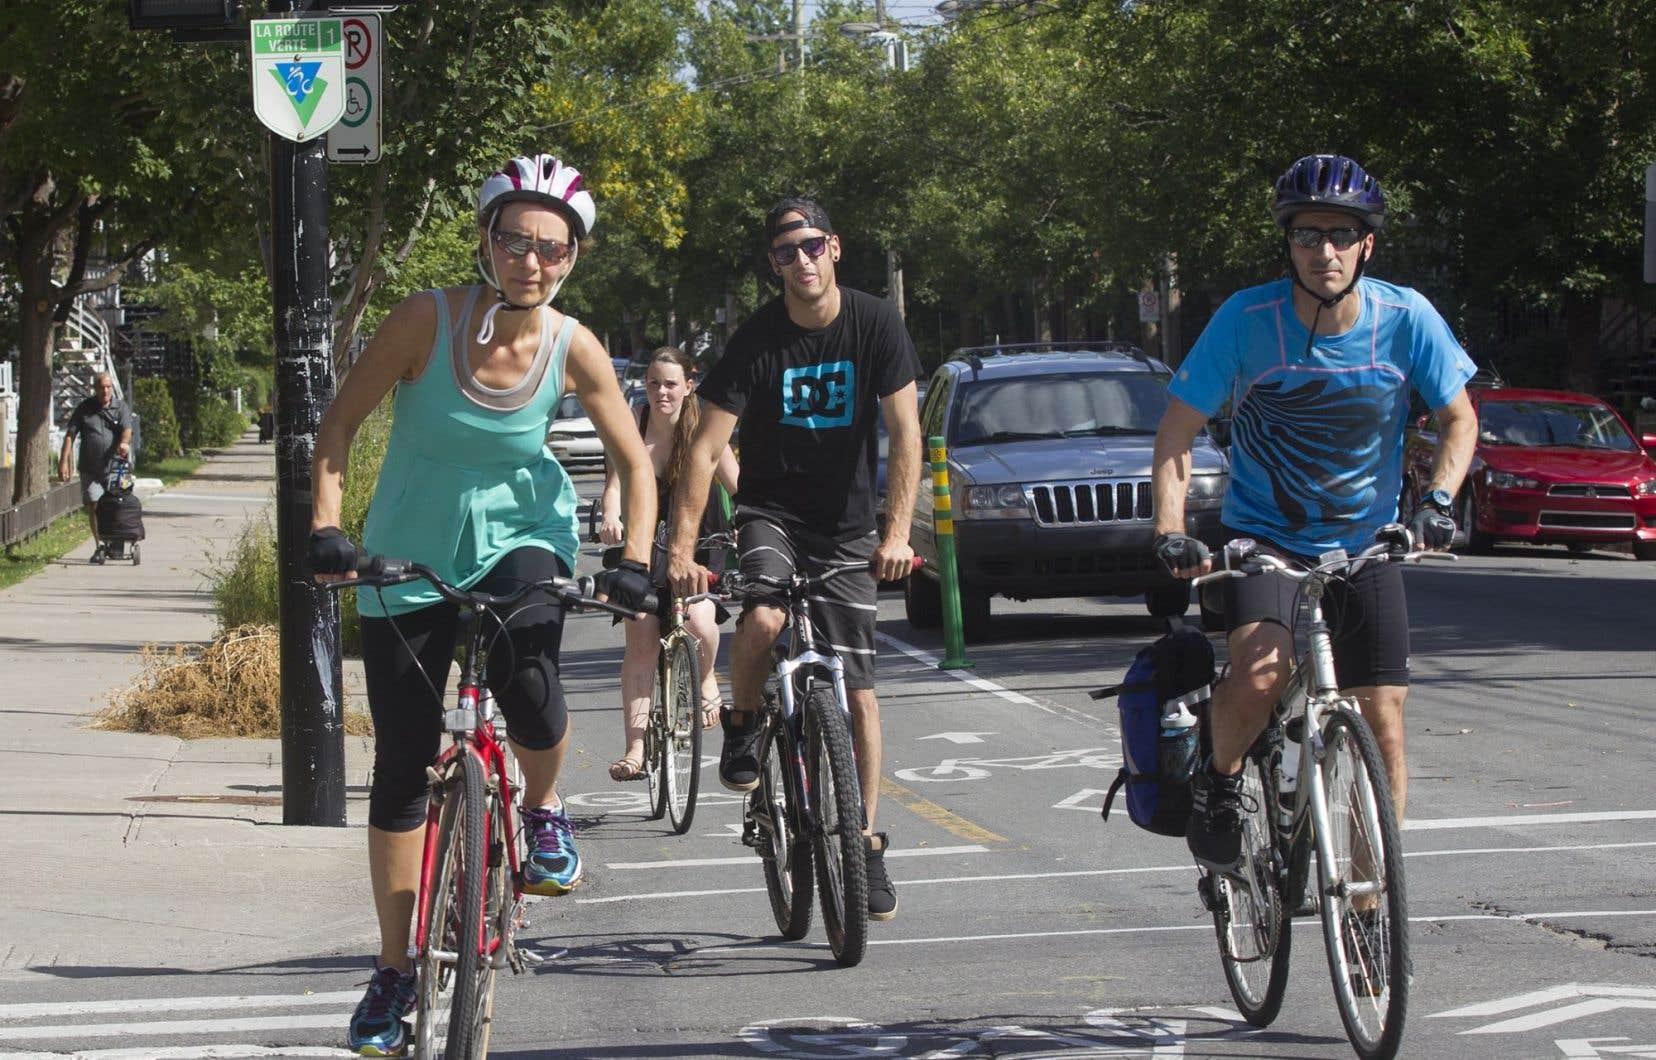 L'étude de l'Université de Colombie-Britannique note que la moitié (51%) des accidents de vélo au Canada survient dans la circulation.